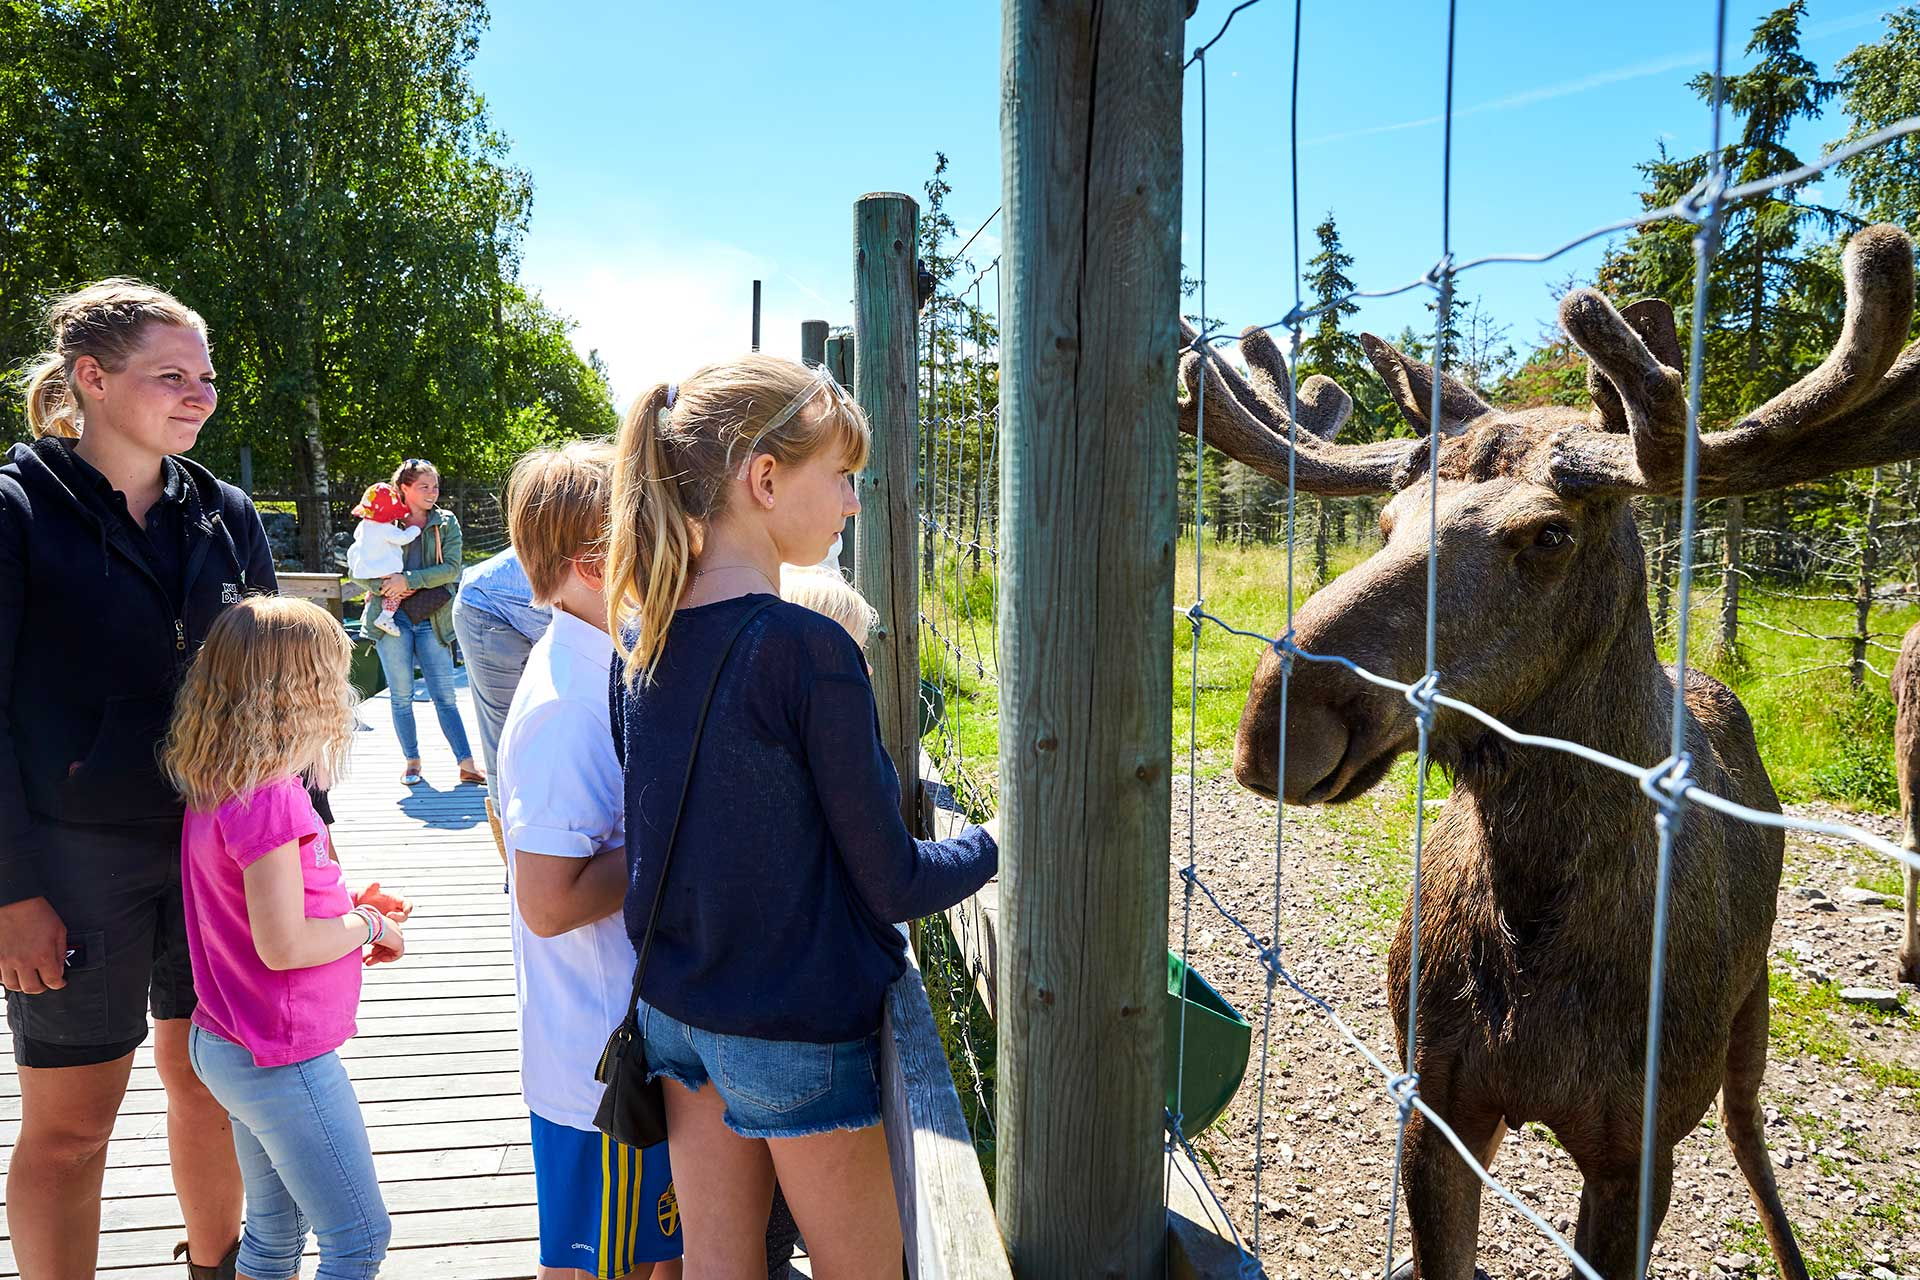 Några barn hälsar på en älg på Kungsbyns djurpark i Västerås. Fotograf: BildeN